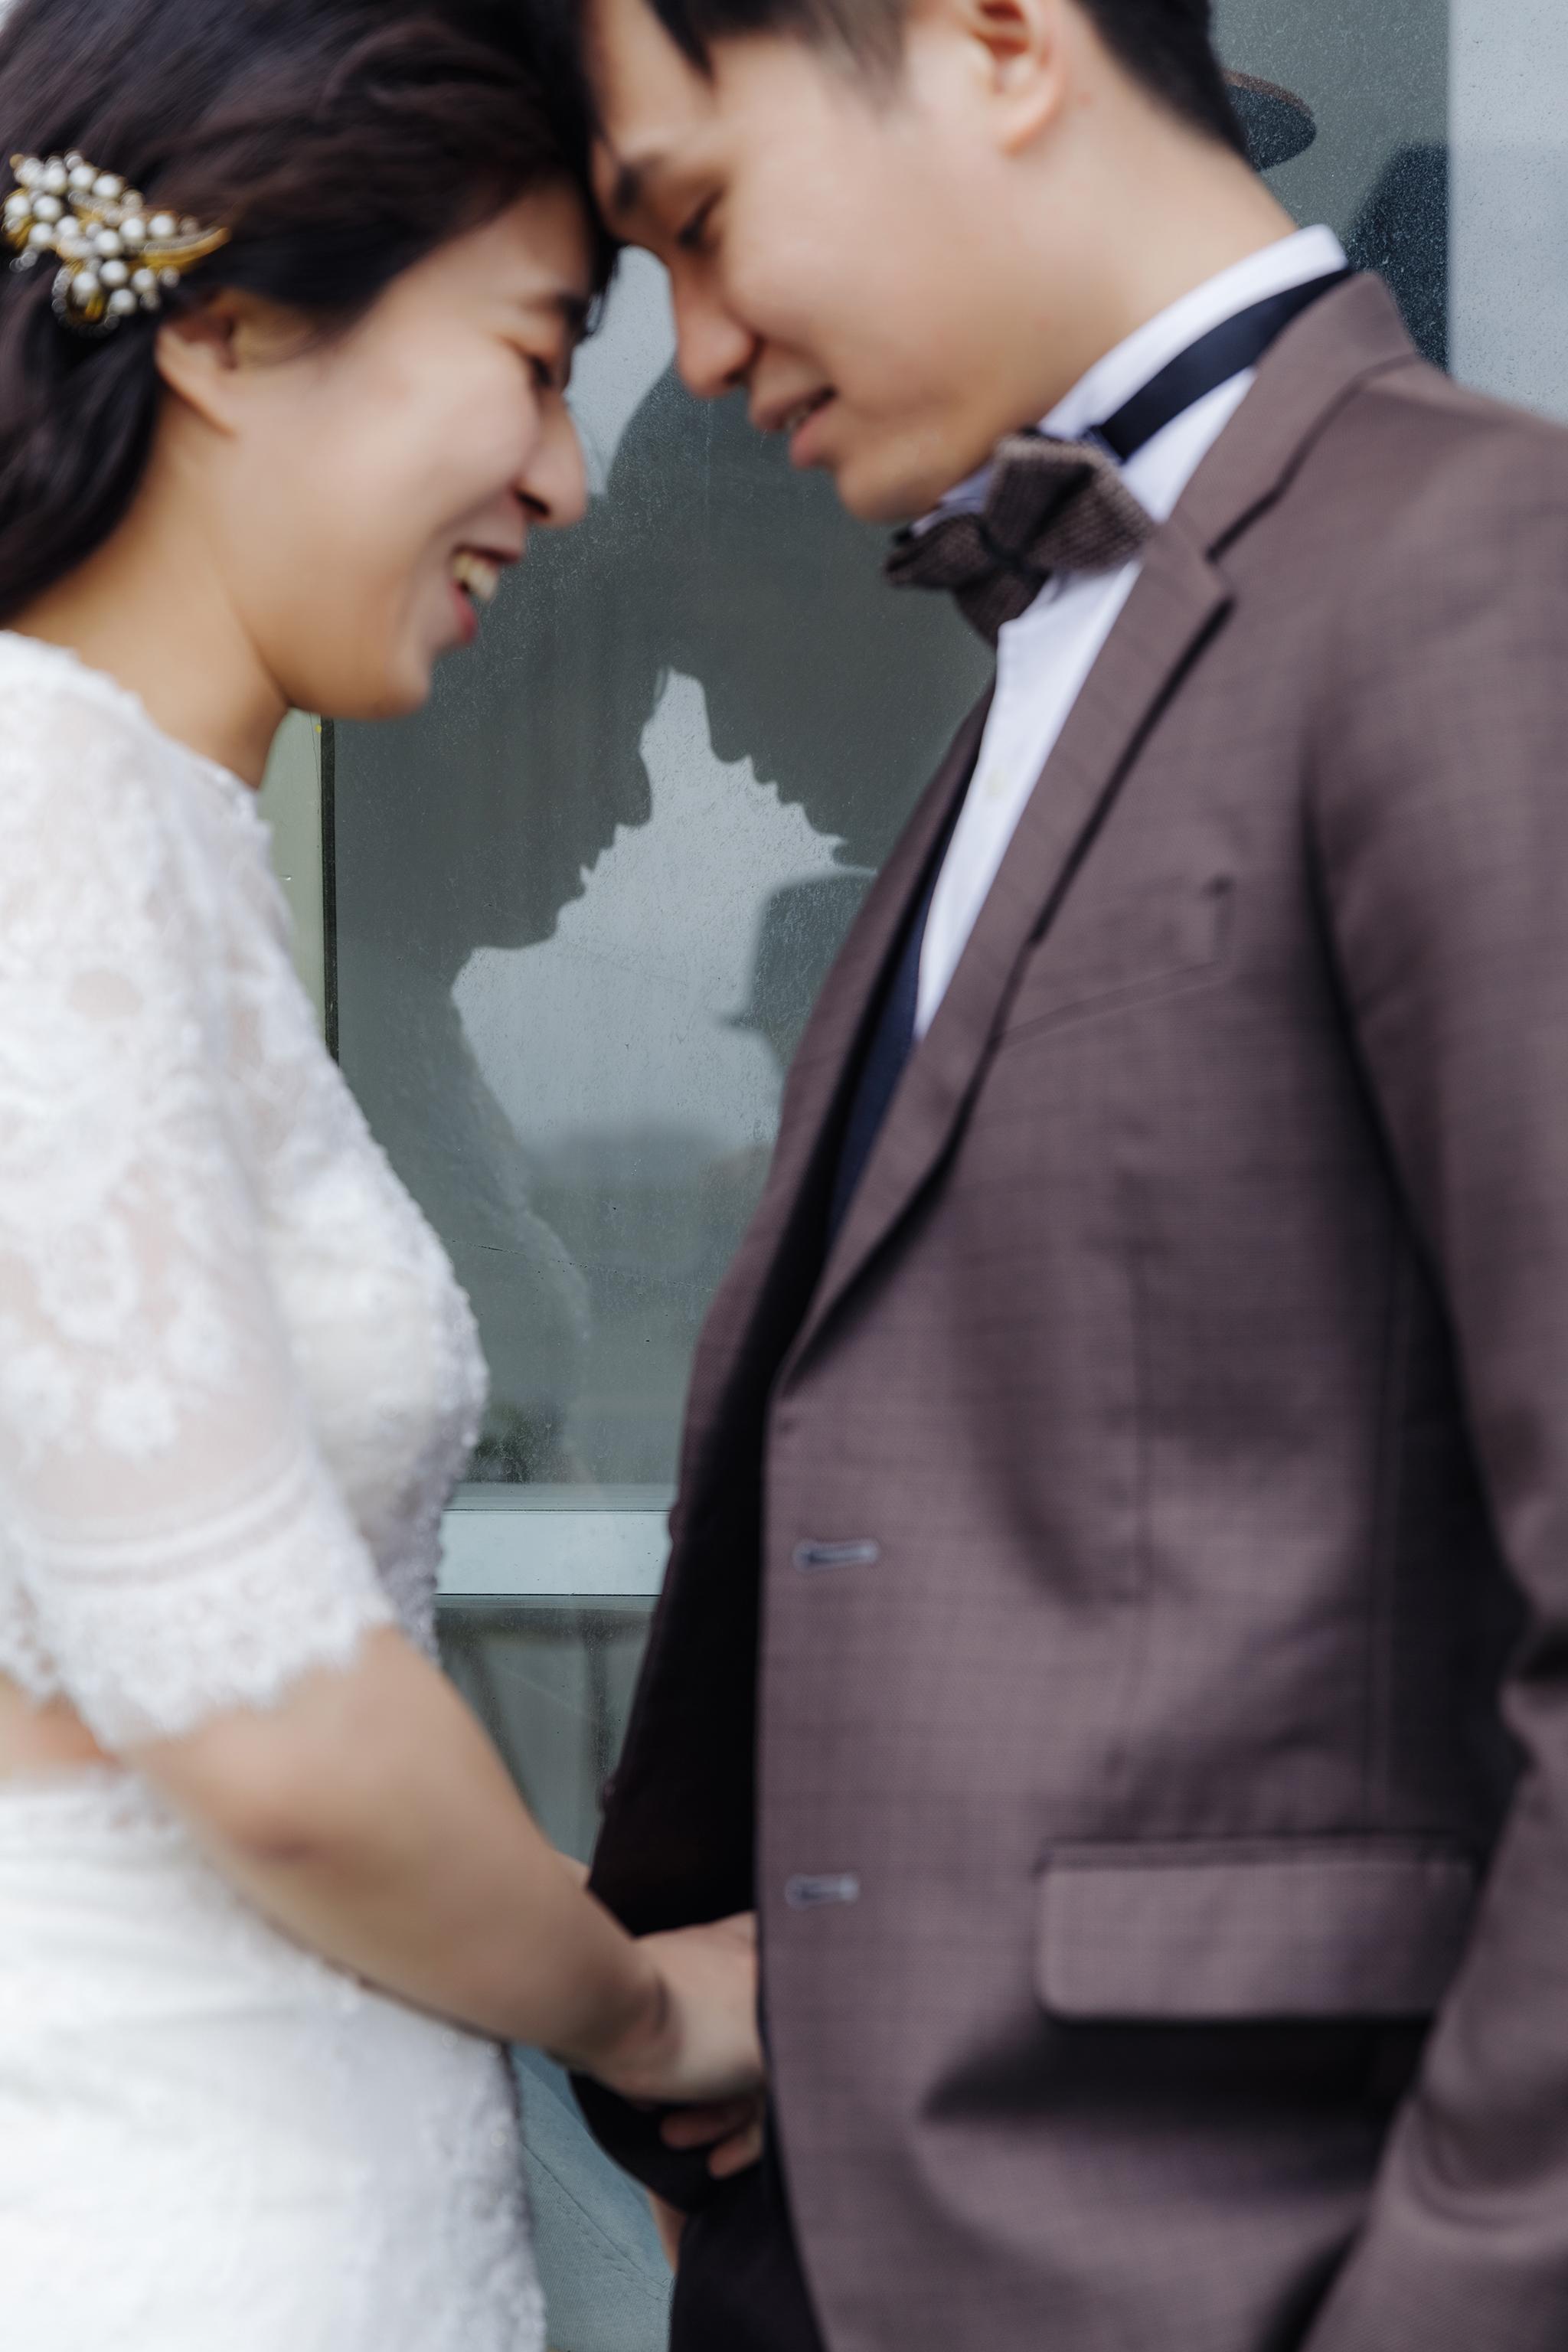 49822624686 efcf411942 o - 【自助婚紗】+復羽&千倫+